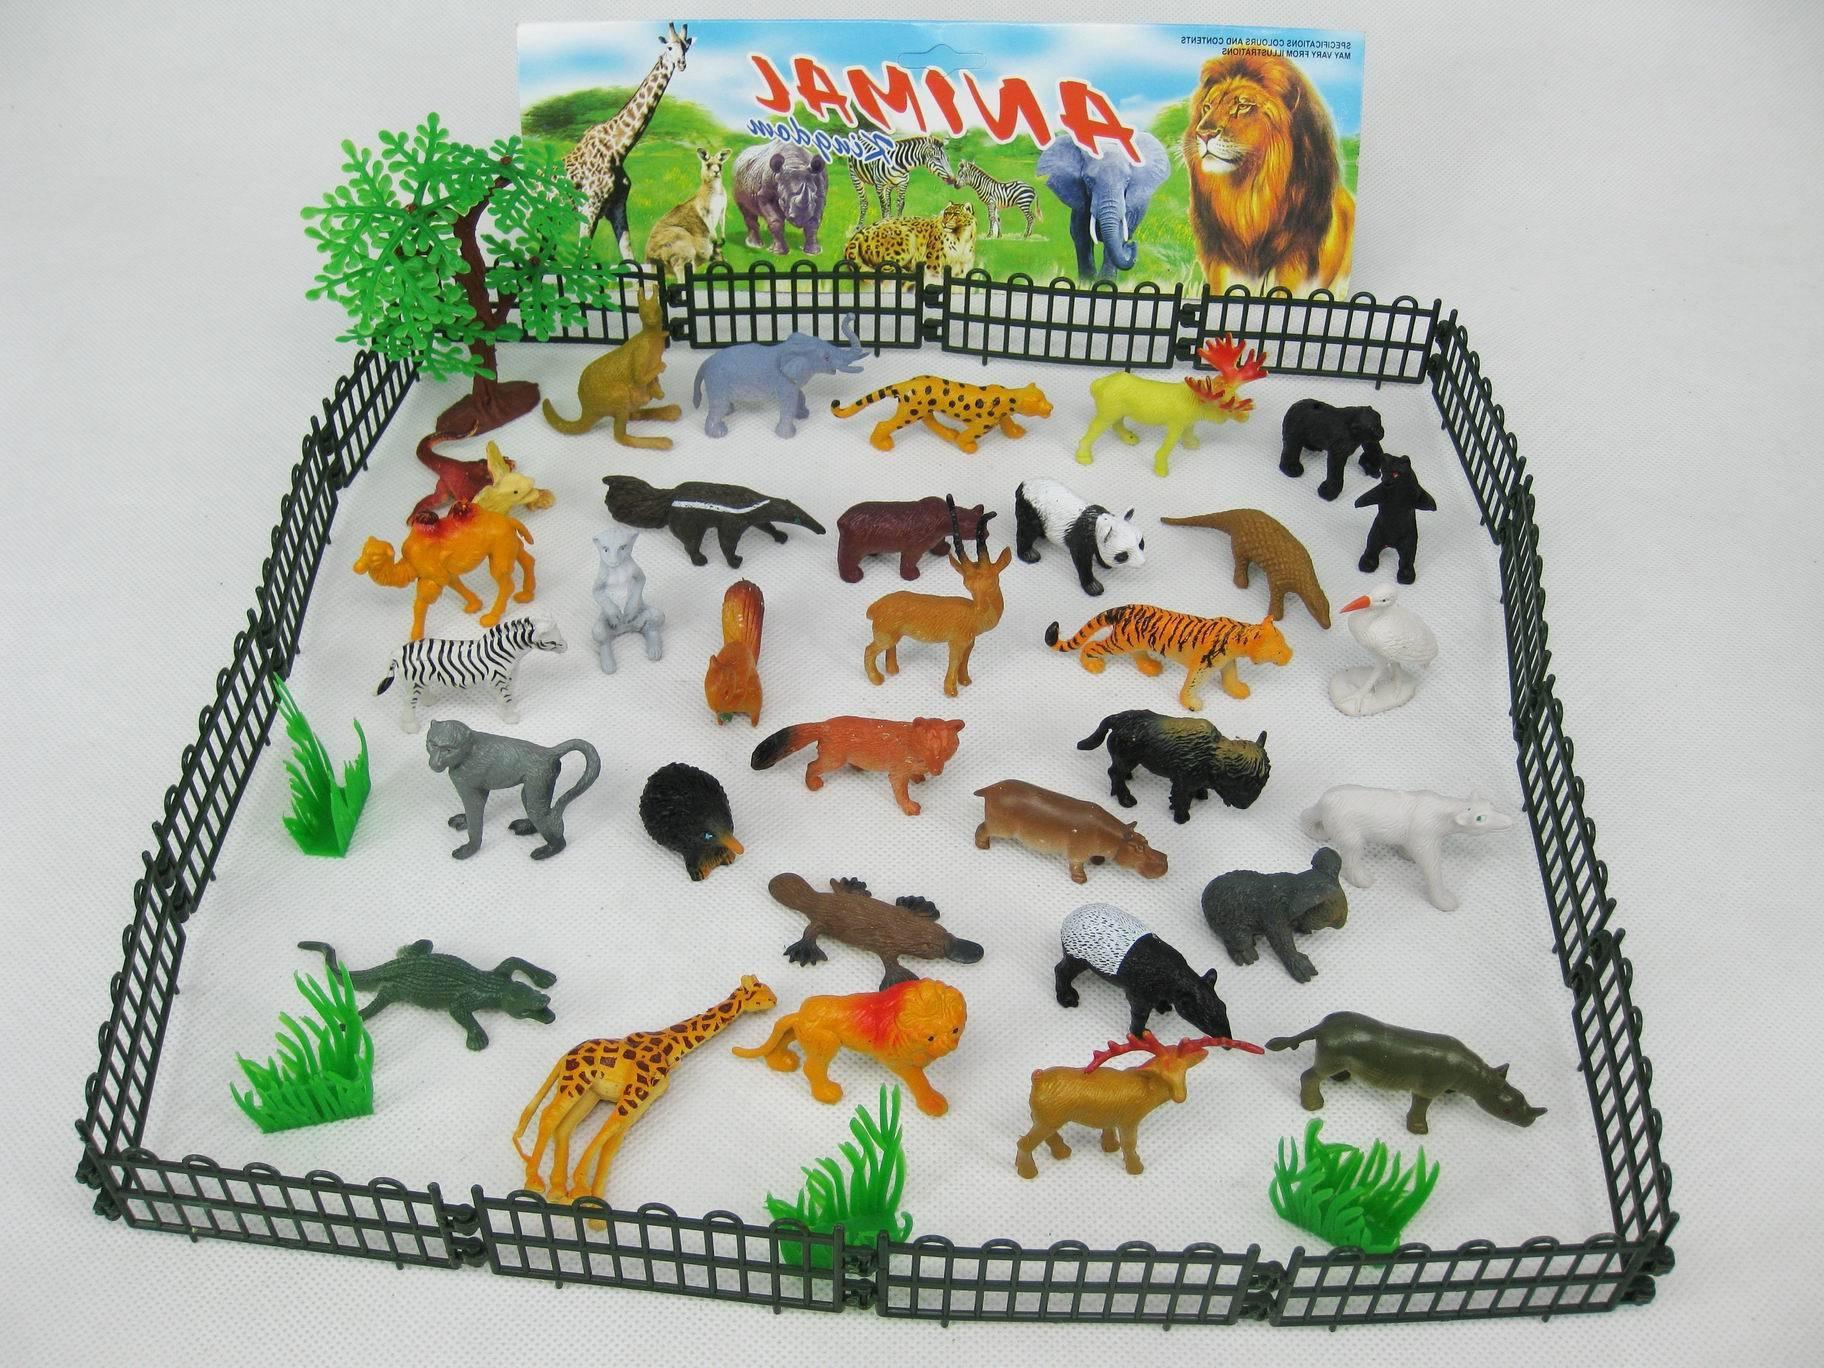 Đồ chơi động vật hoang dã cho bé